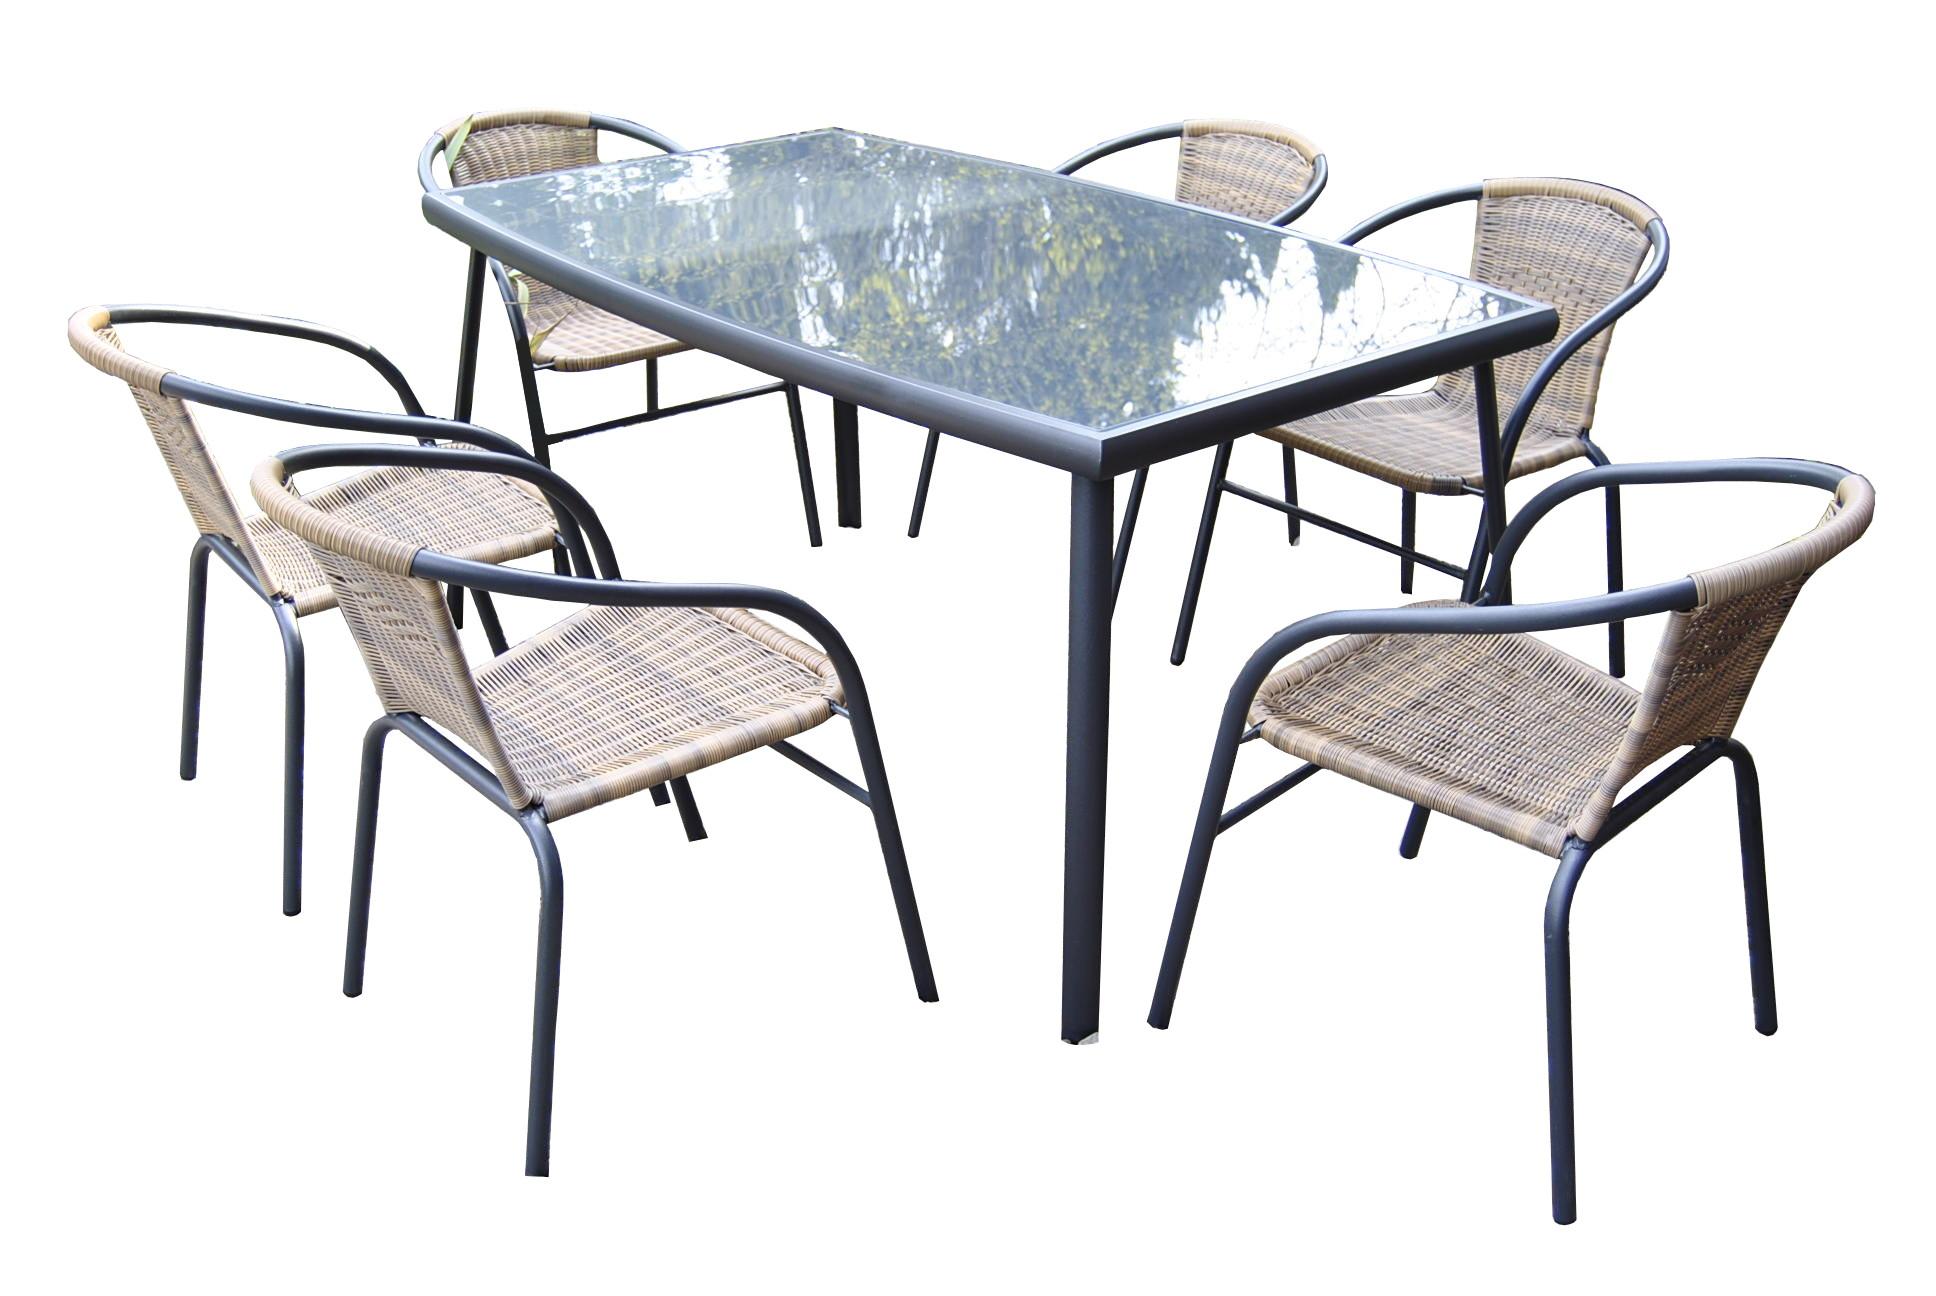 Zestaw Mebli Ogrodowych Duzy Stol 6 Krzesel Ratan 7218613001